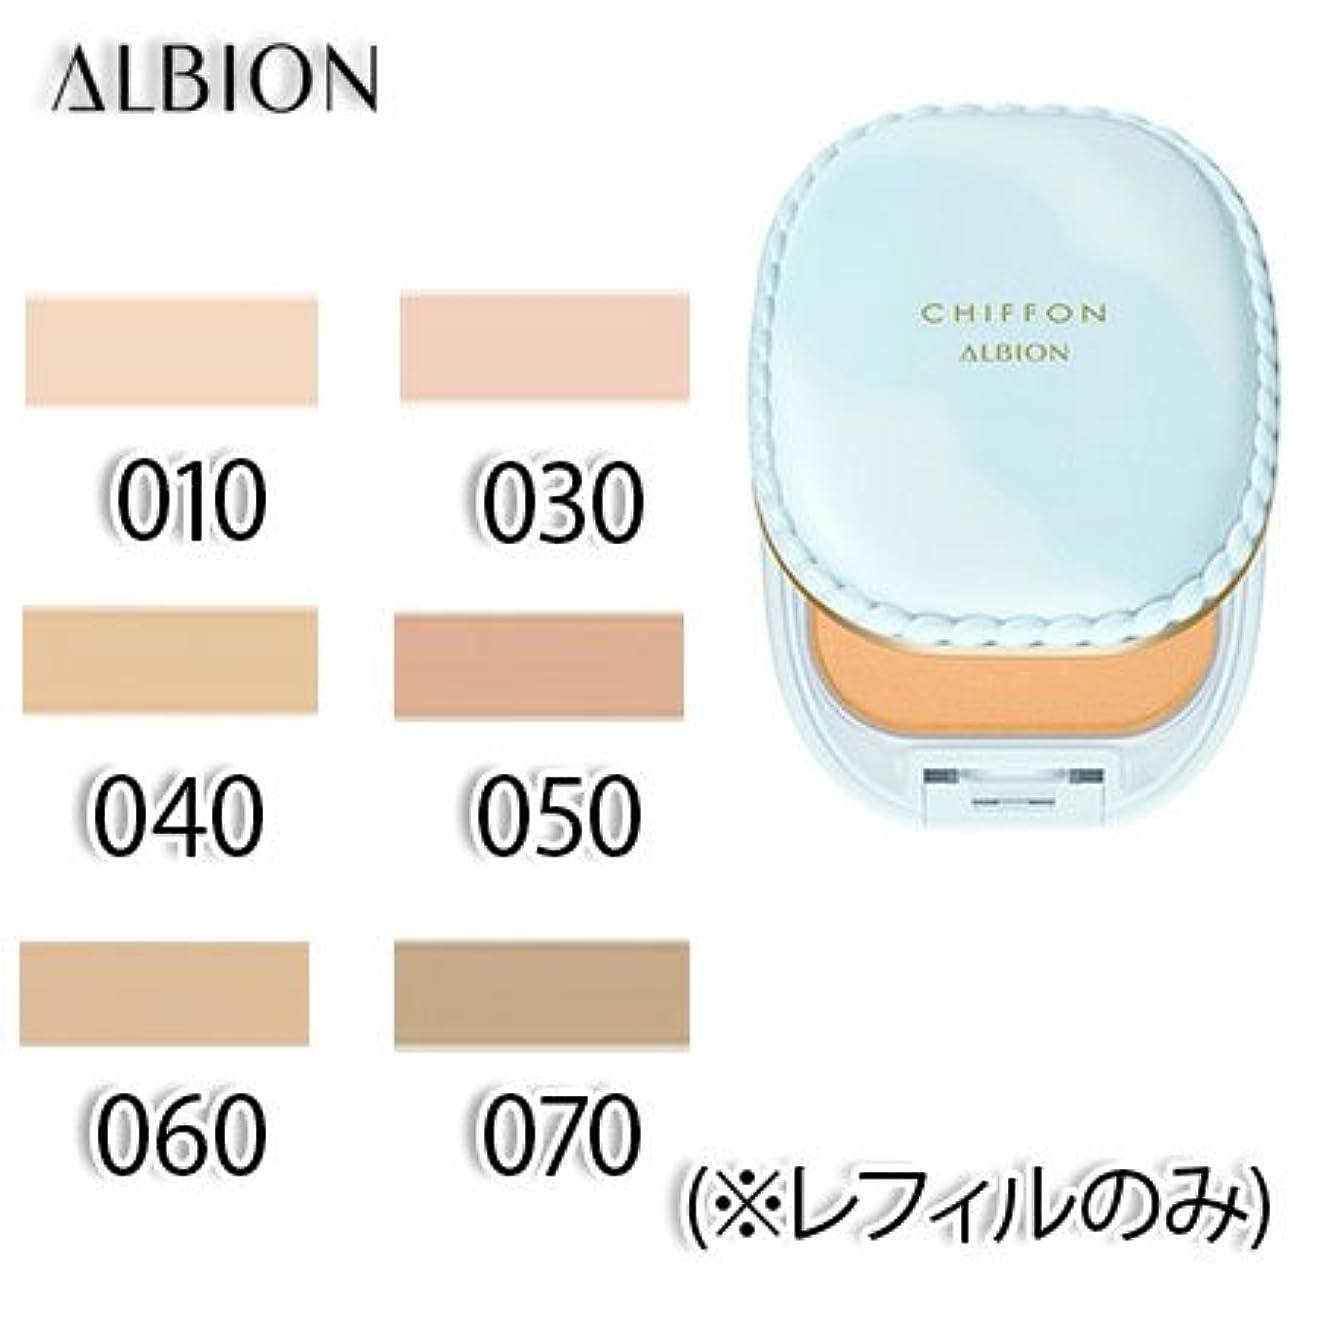 バーベキューブランド名気取らないアルビオン スノー ホワイト シフォン 全6色 SPF25?PA++ 10g (レフィルのみ) -ALBION- 070